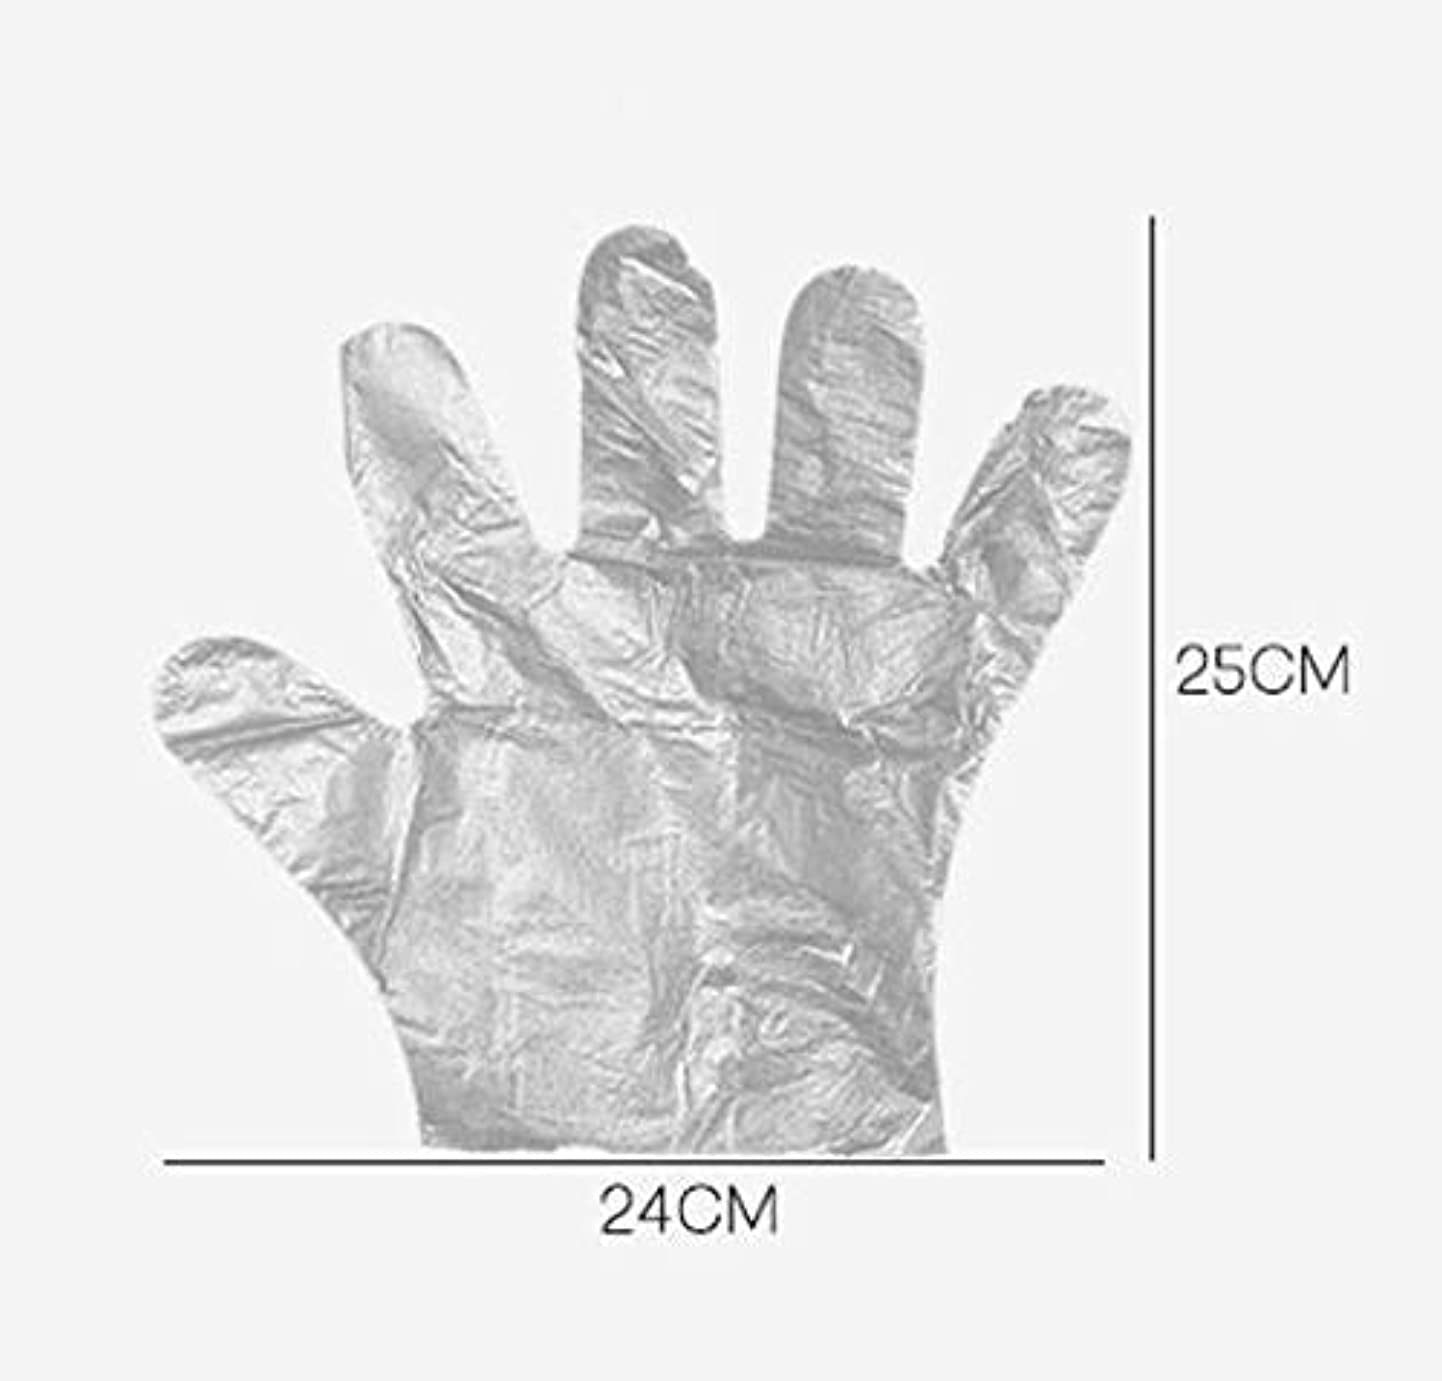 シンク衣類露HJ 使い捨て手袋 ポリエチレン使い切り手袋 極薄い ポリ手袋 使い切り手袋 透明手袋 耐油 防水 介護 トイレ掃除 左右兼用 手荒れを防ぎ 素手 薄いタイプ (200ペアセット)